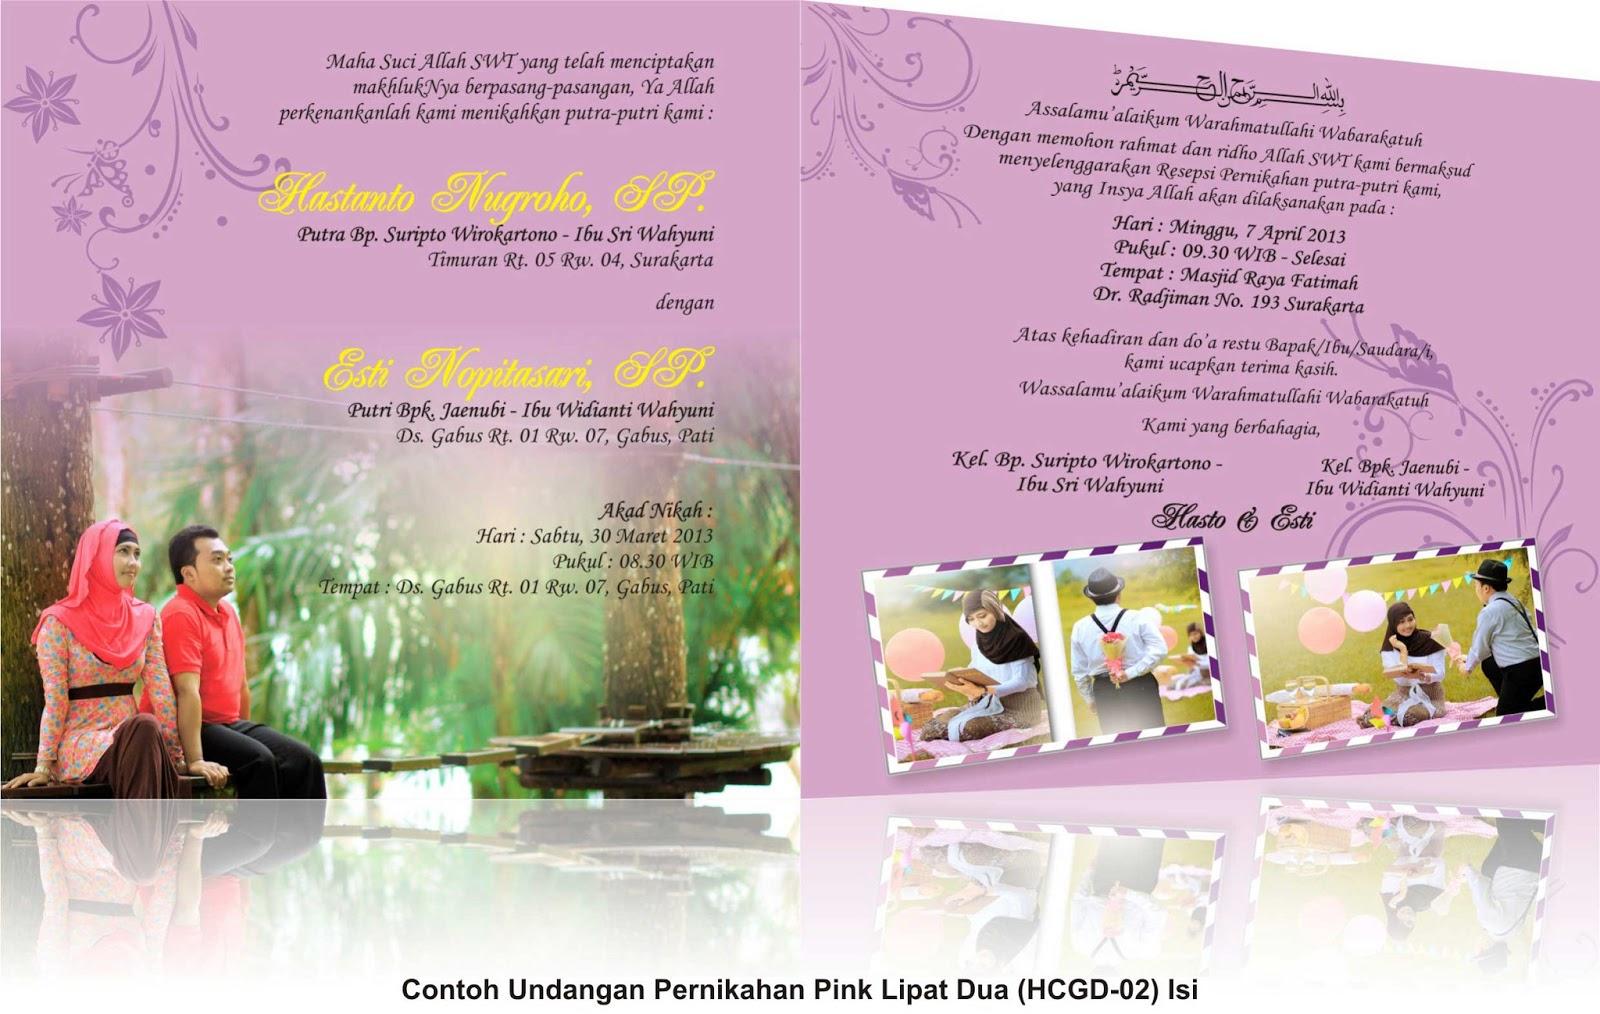 Contoh Desain Undangan Pernikahan Gratis - Contoh Isi Undangan